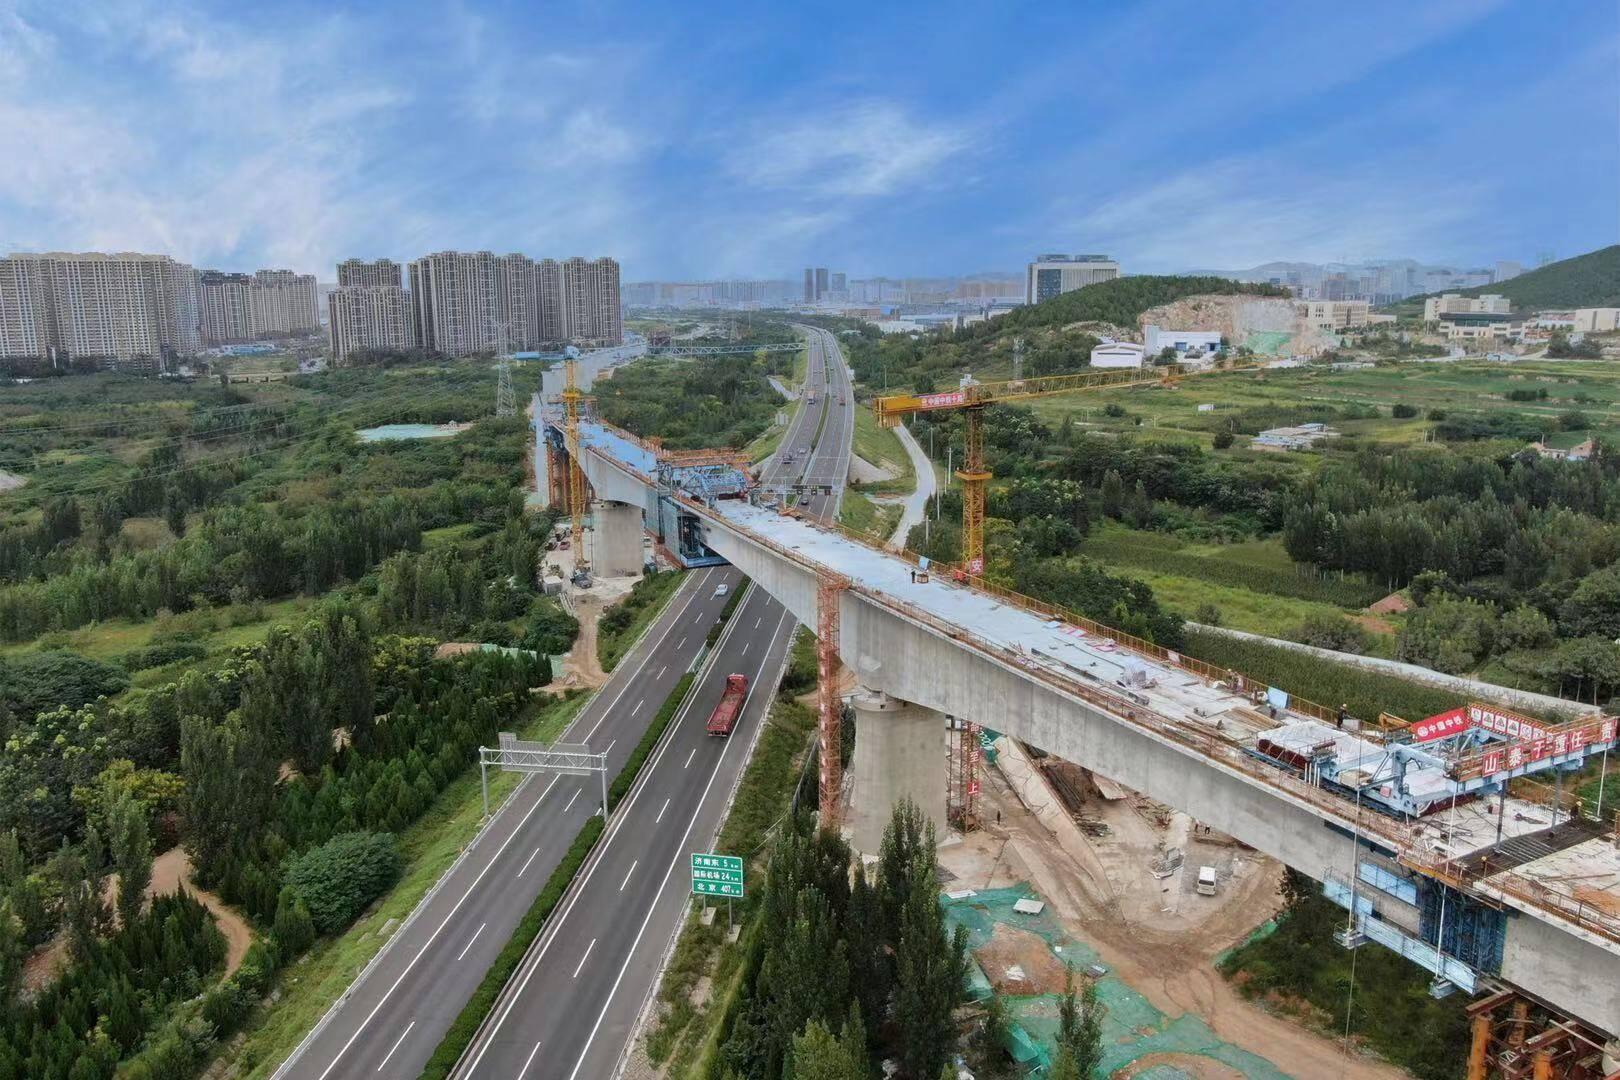 济莱高铁港沟跨京沪特大桥上跨京沪高速连续梁边跨顺利合龙